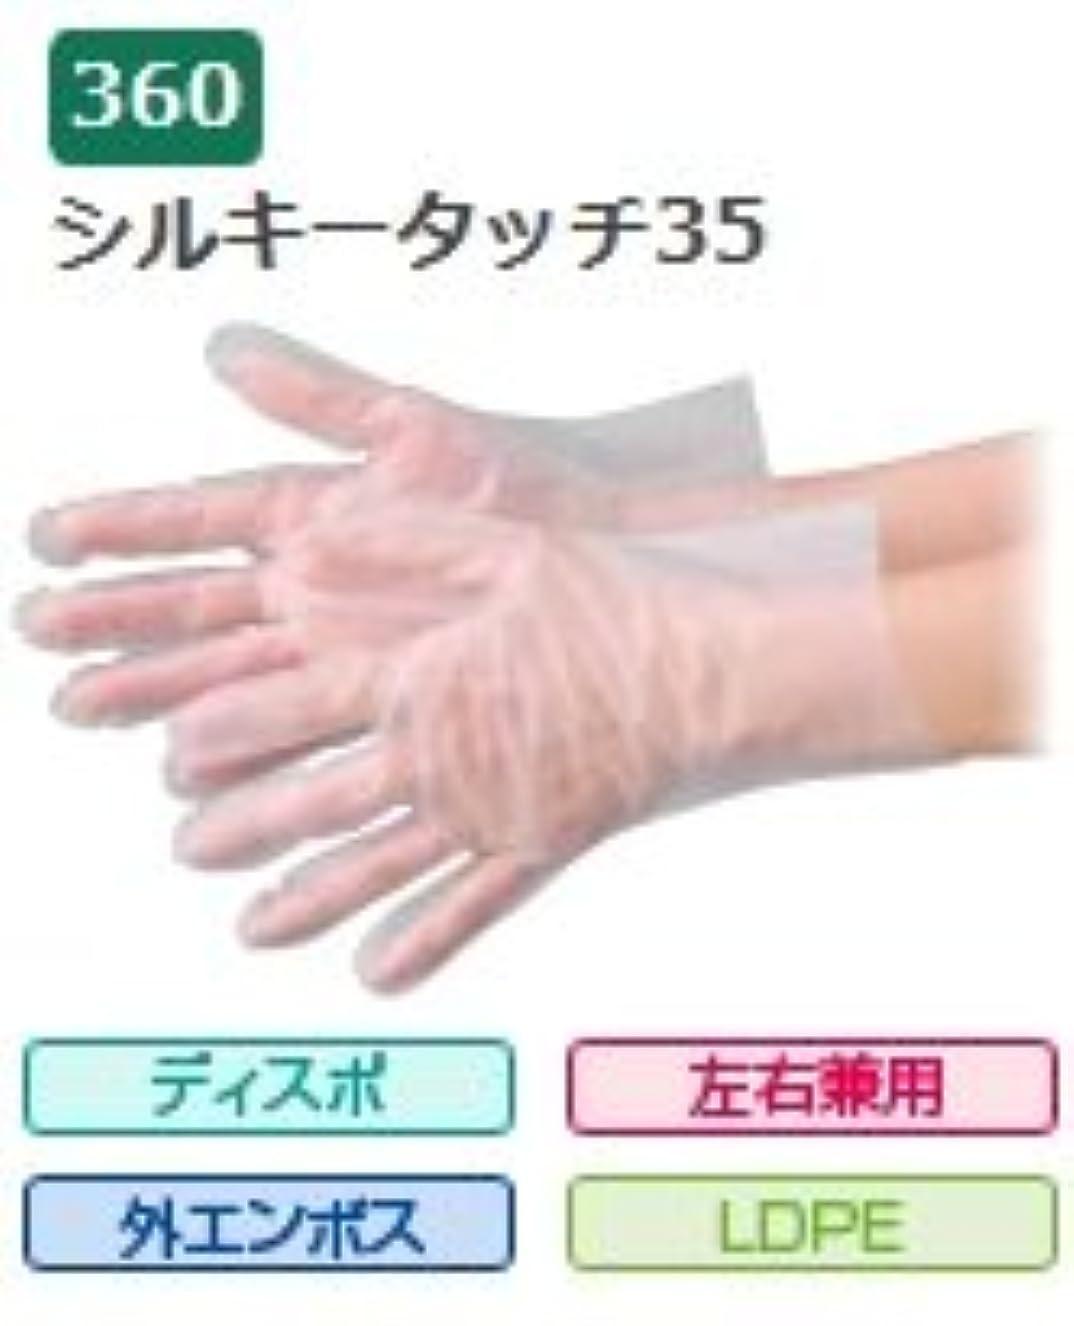 債務前植物学者エブノ ポリエチレン手袋 No.360 LL 半透明 (100枚×50袋) シルキータッチ35 袋入